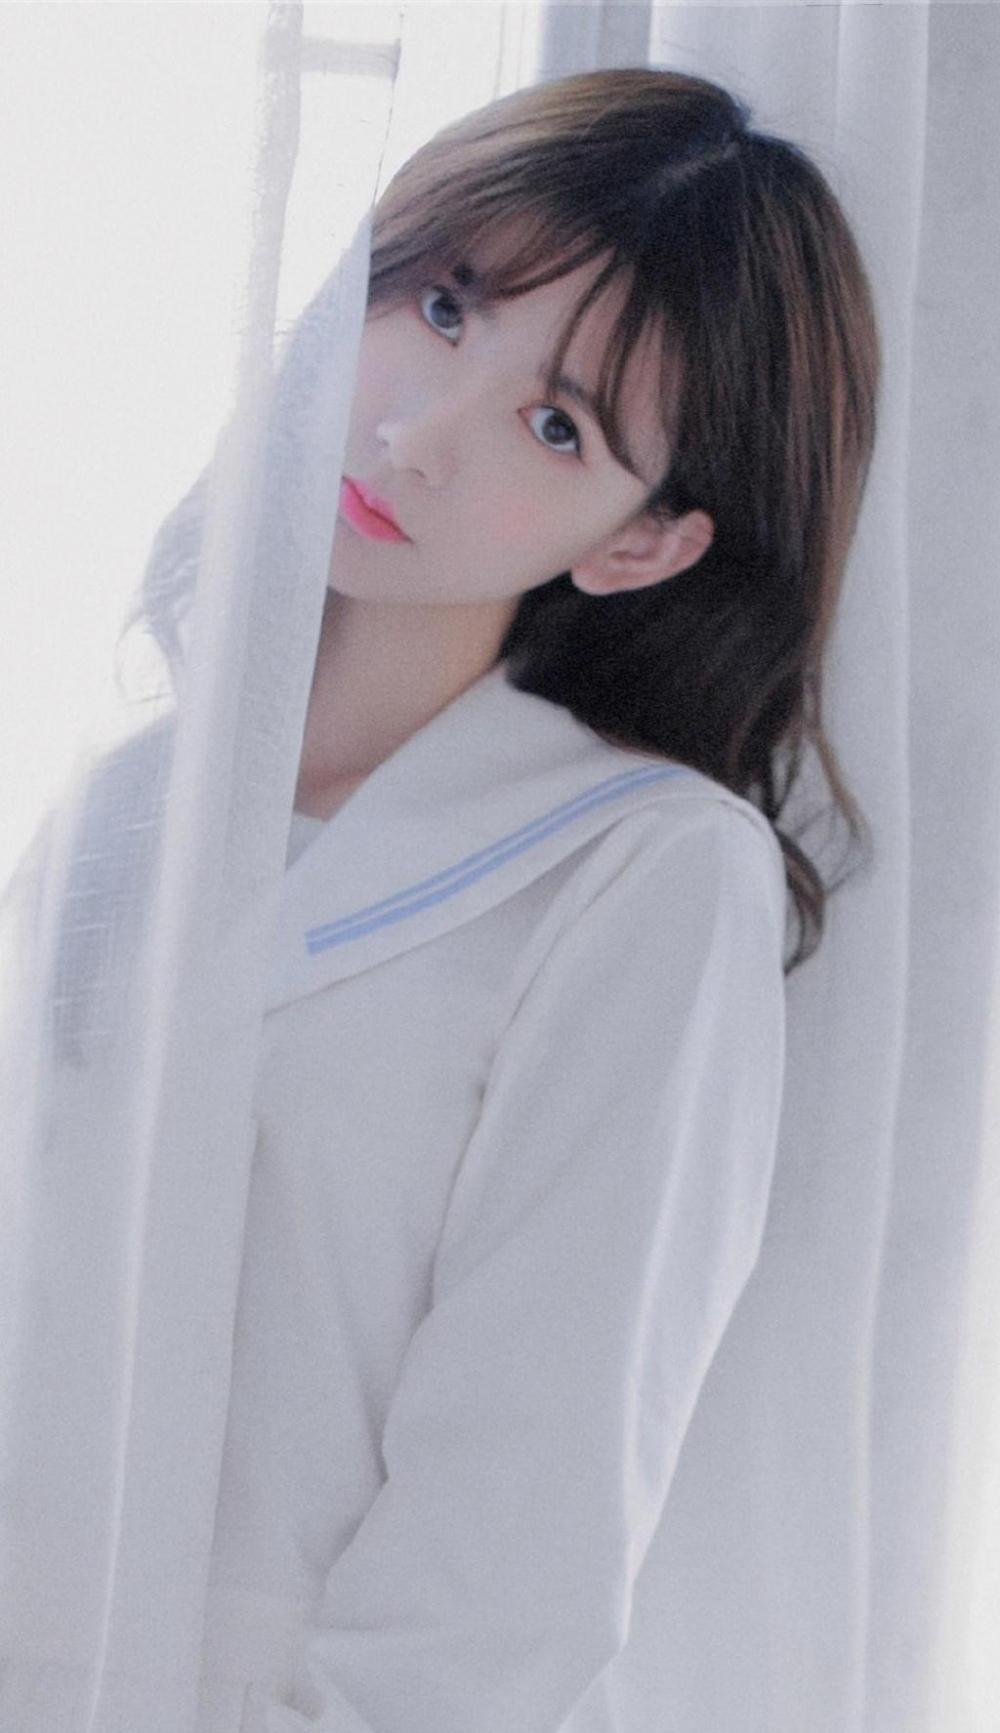 IPZ-499日韩美女周于希齐b超短裙情趣黑丝袜美妇抬高肥白的大屁股